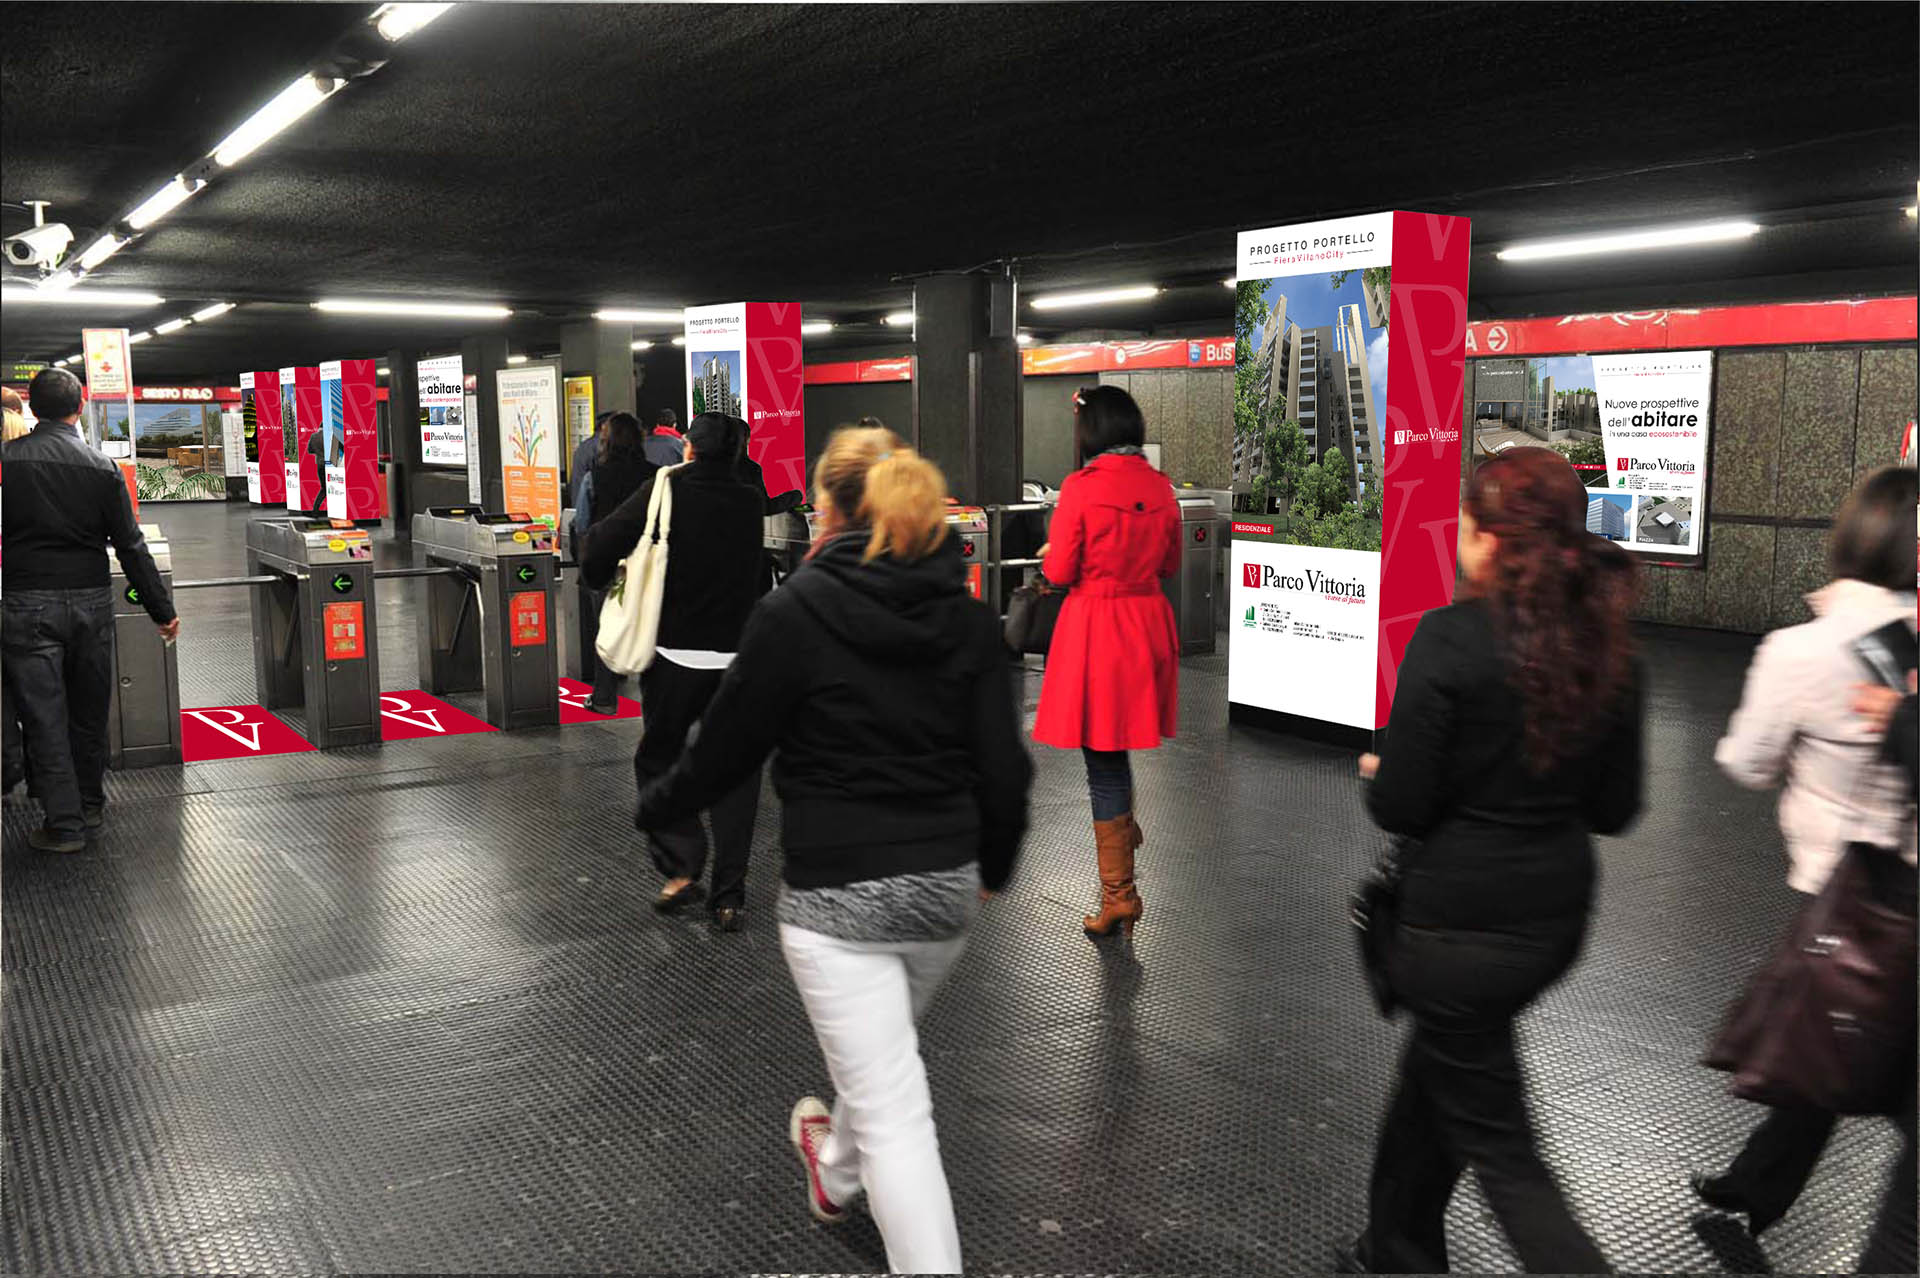 Parco Vittoria, Station domination metro Milano